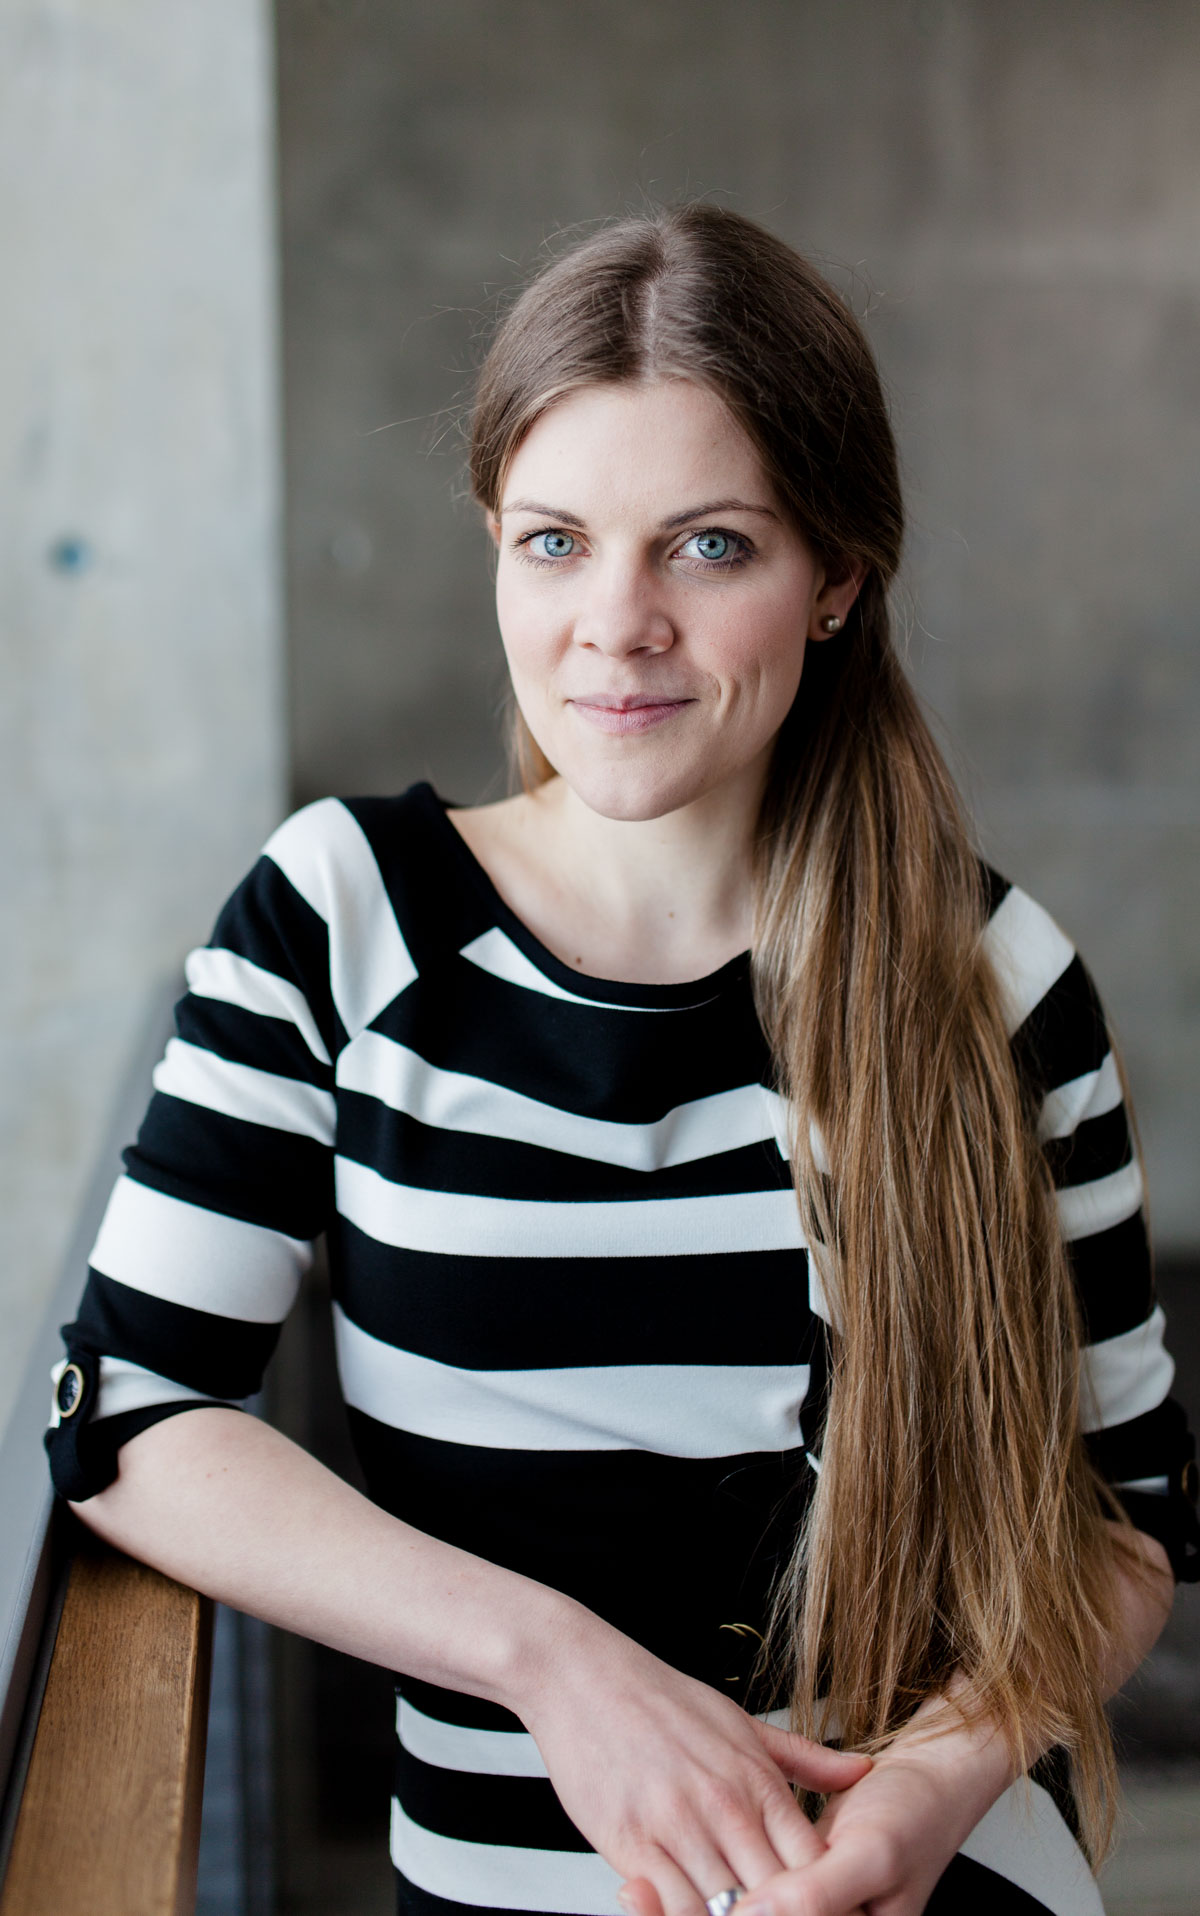 Foto einer freien Rednerin in einem Gebäude mit Sichtbeton